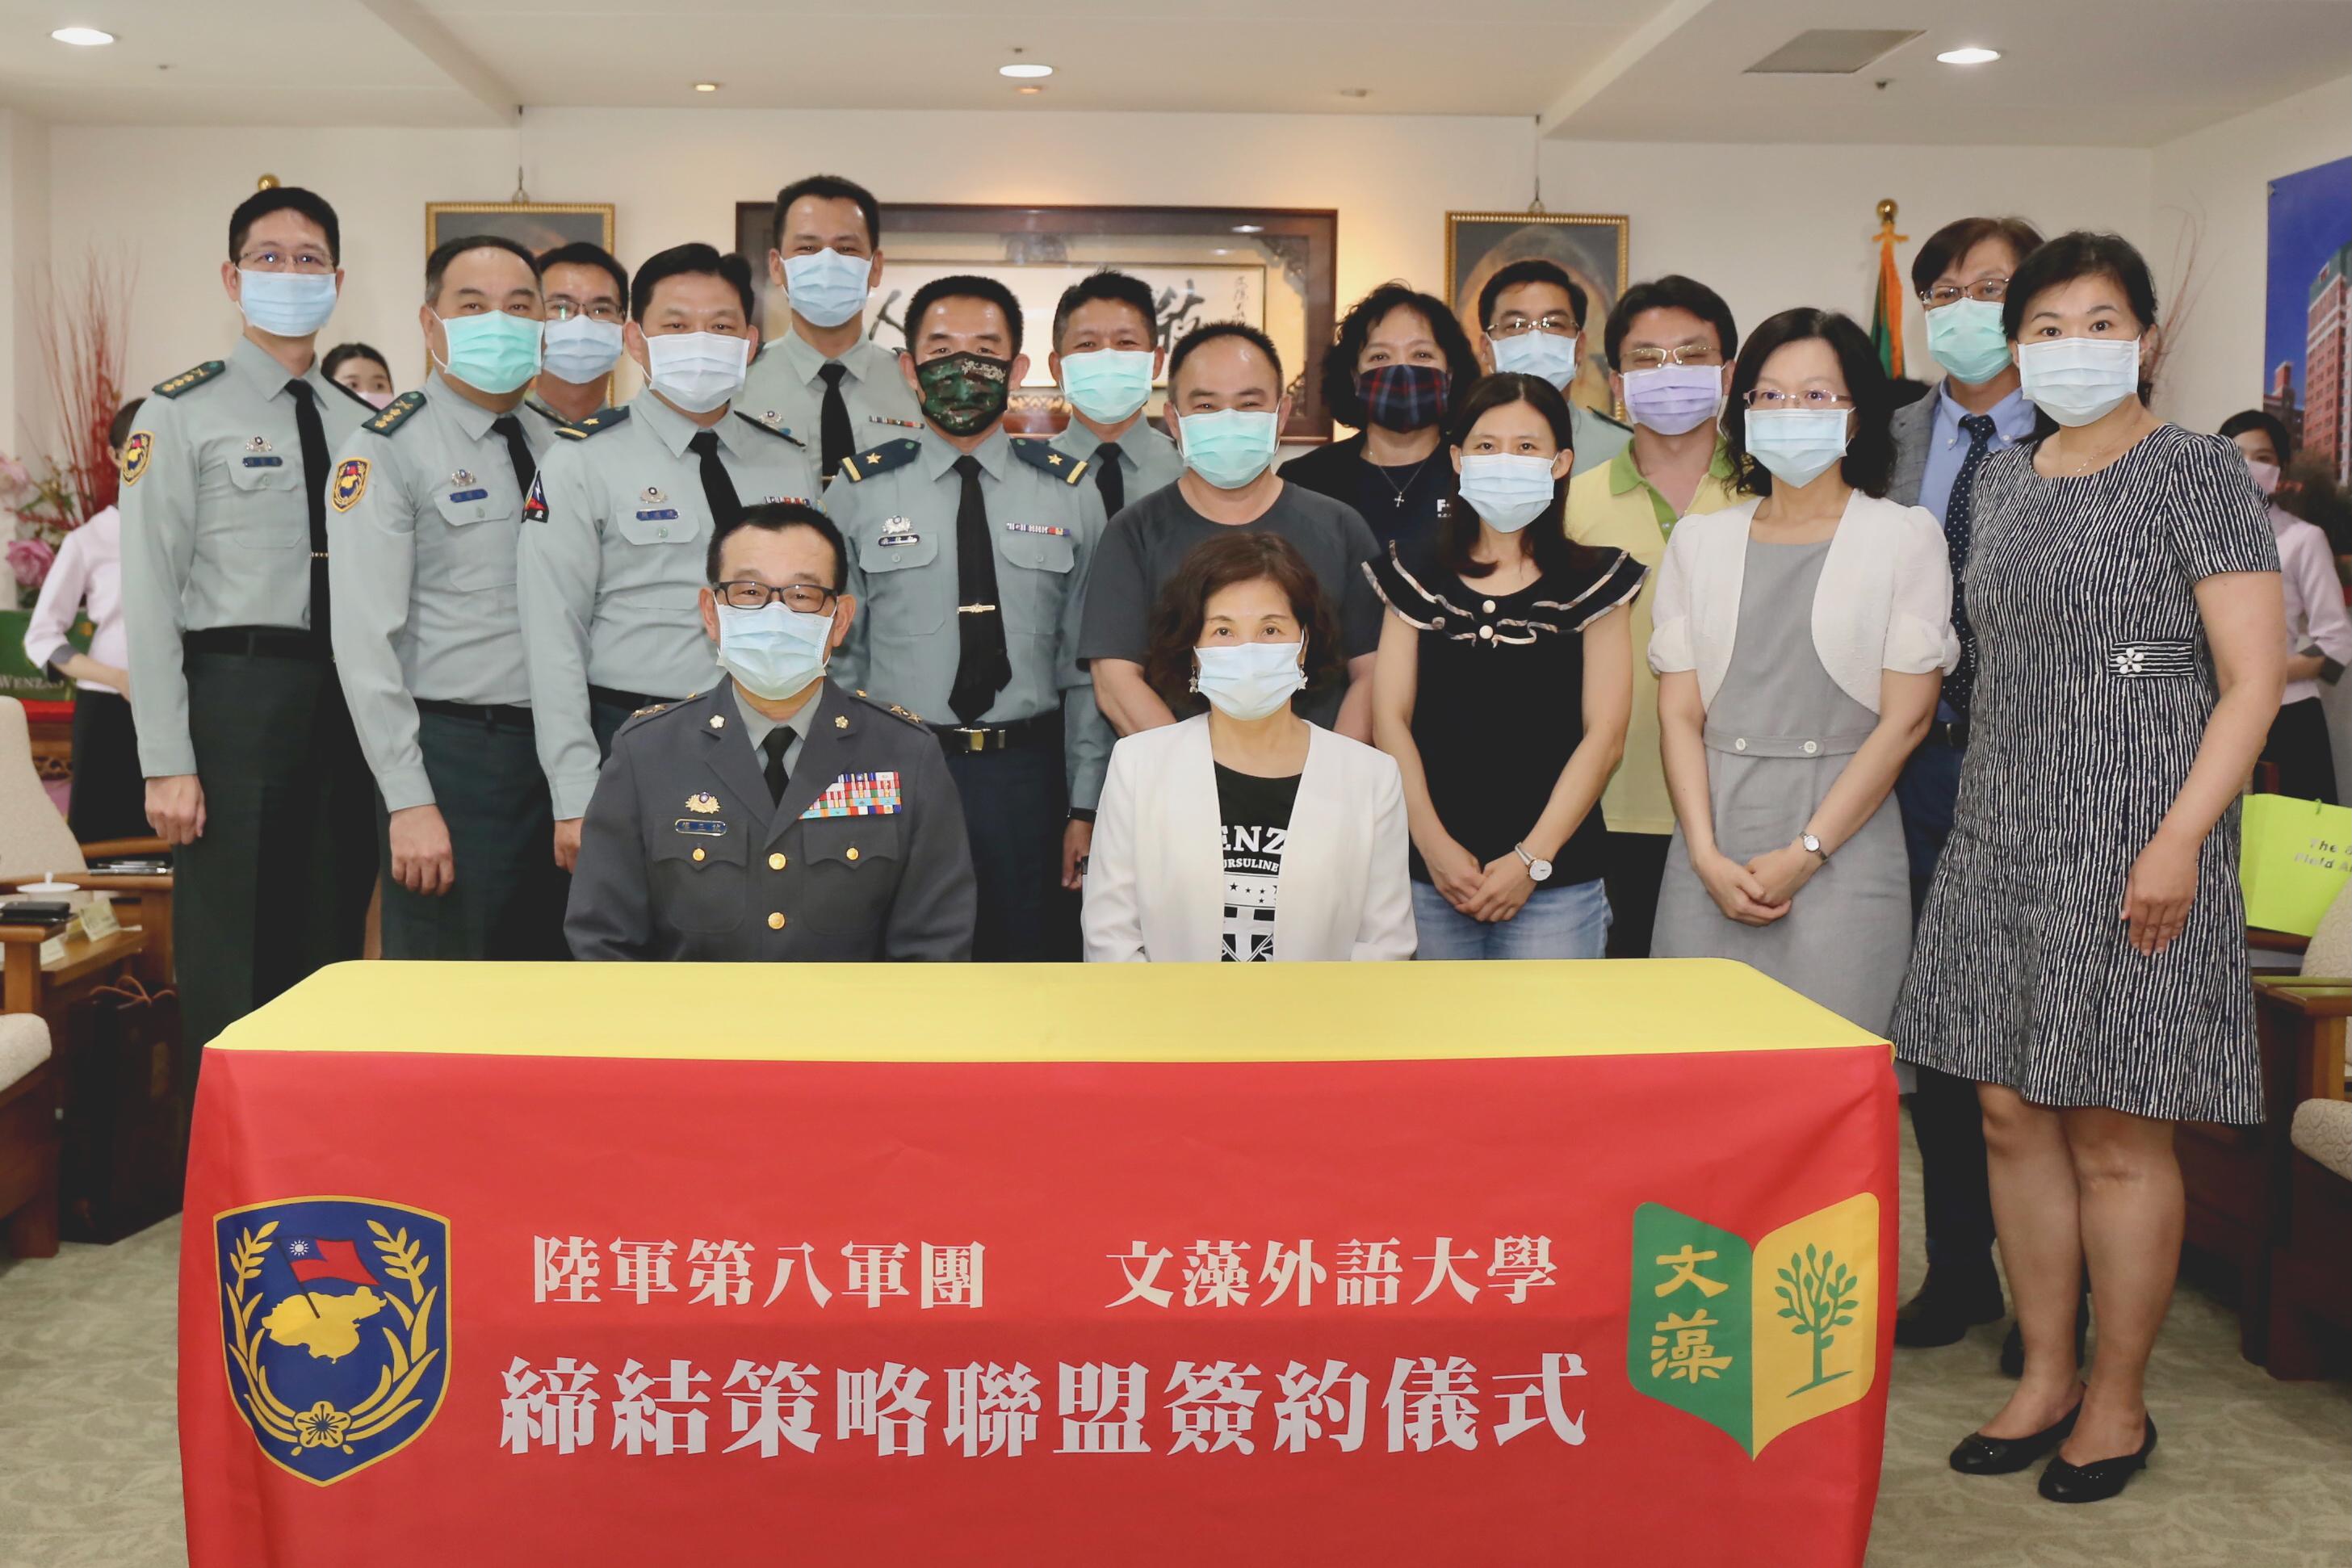 04/08/2021 文藻外語大學與陸軍第八軍團簽訂策略聯盟 展望未來 共創雙贏